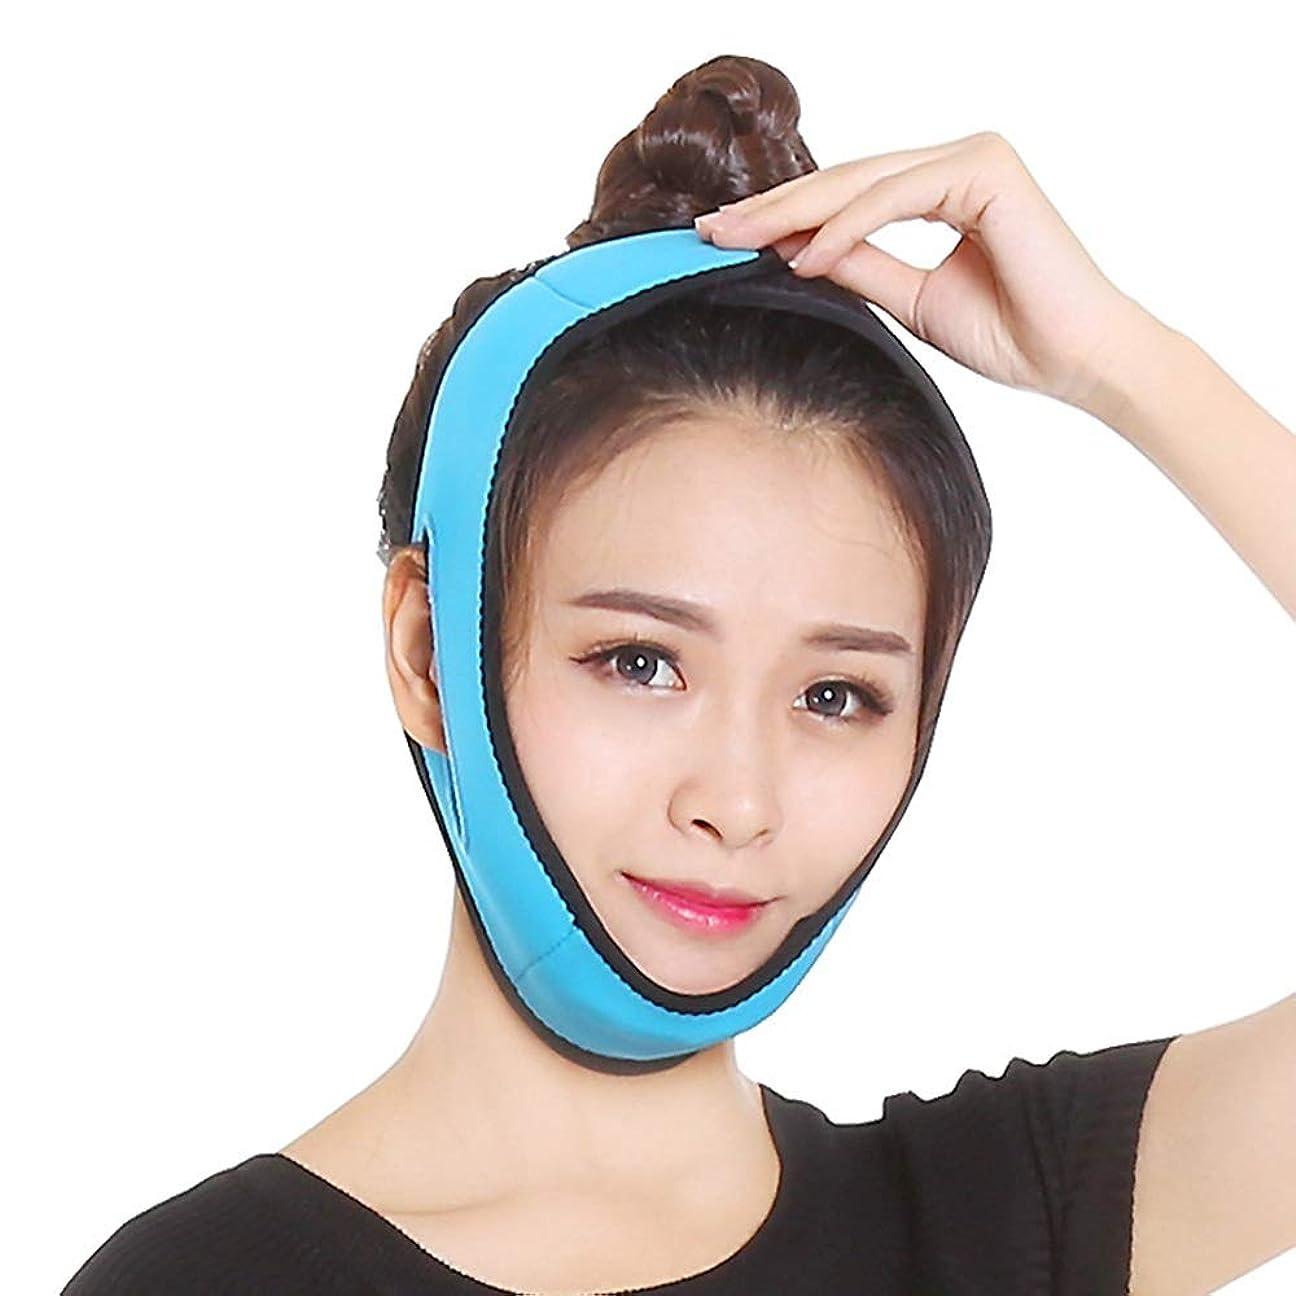 ペンス緑便宜GYZ フェイシャルリフティングスリミングベルト - 薄いフェイス包帯二重あごデバイス無料フェイシャルマッサージ整形マスクを引き締める顔と首の顔スリム Thin Face Belt